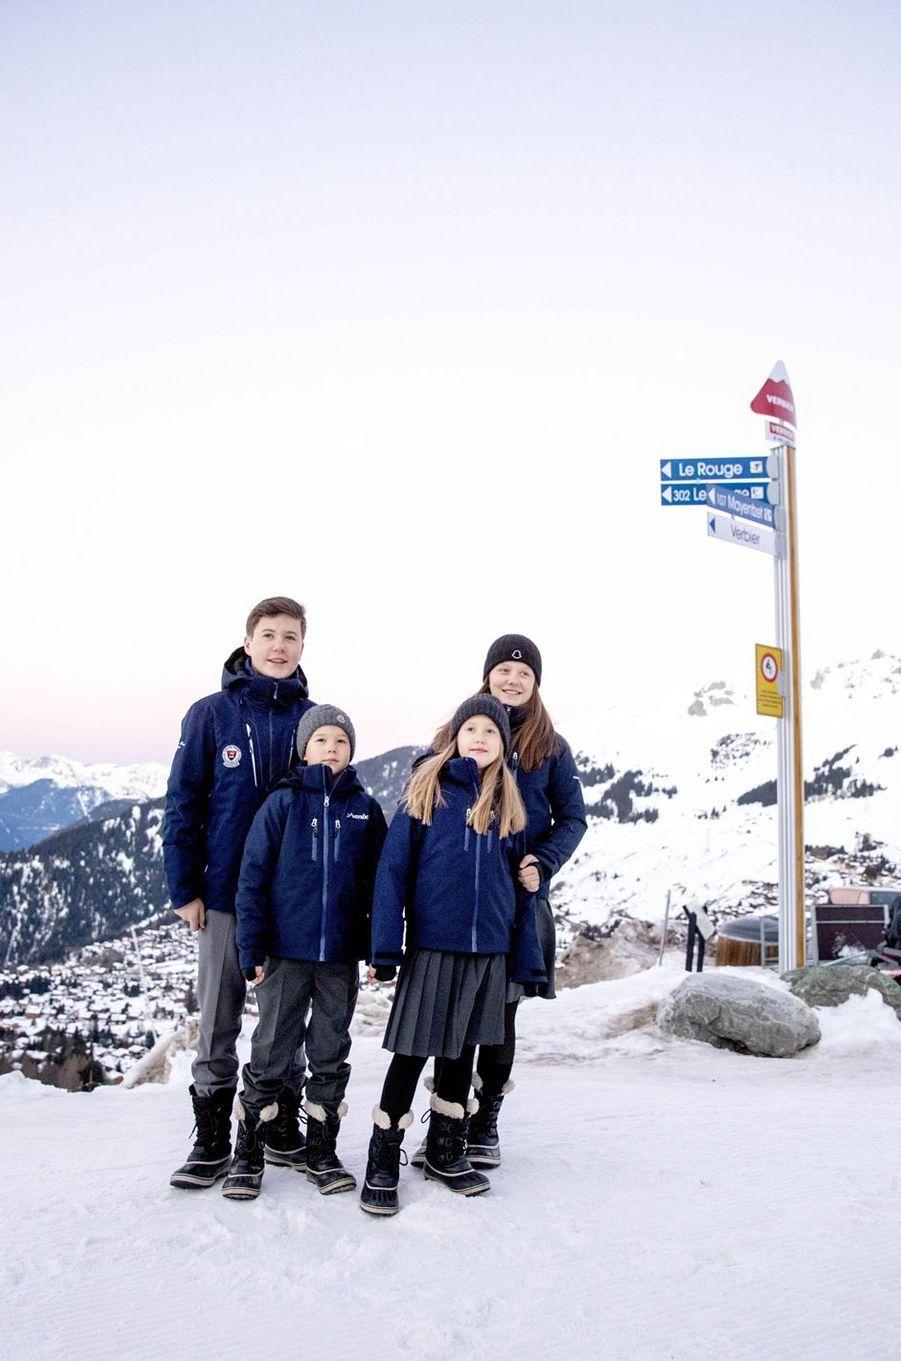 Les princesses Isabella et Josephine et les princes Christian et Vincent de Danemark à Verbier en Suisse, le 6 janvier 2020